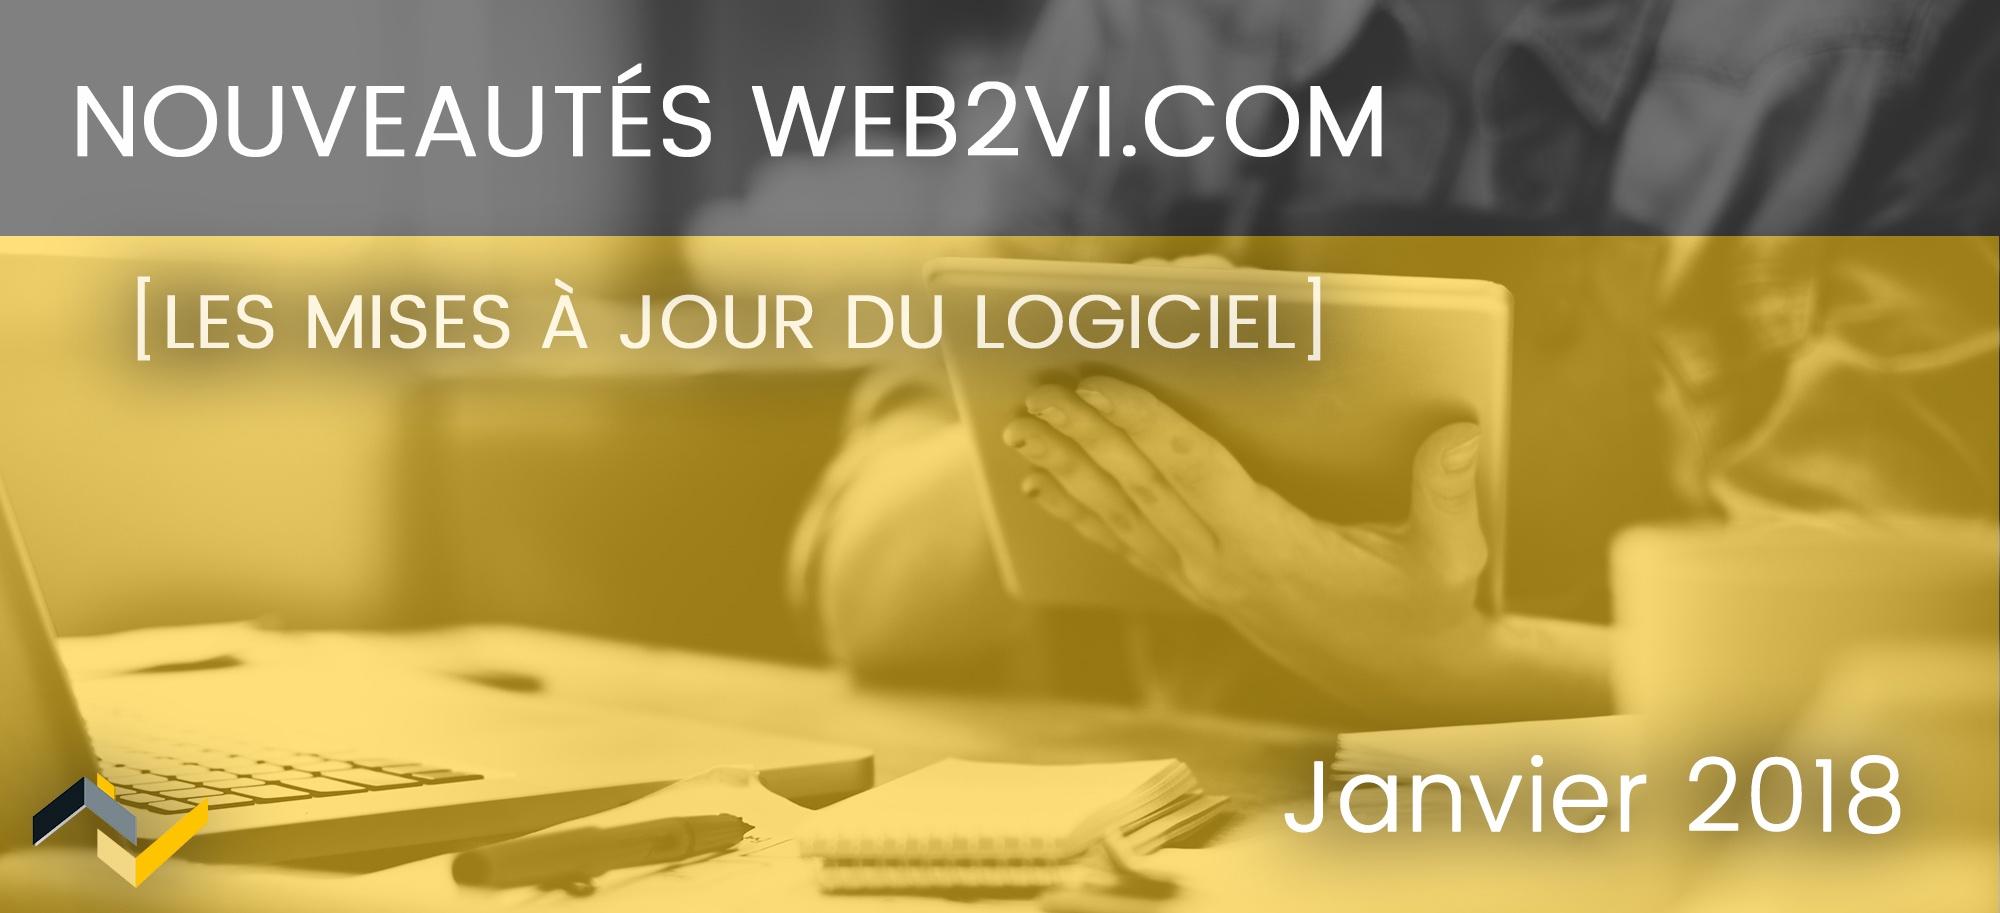 Les nouveautés de la plateforme Web2vi.com - Janvier 2018